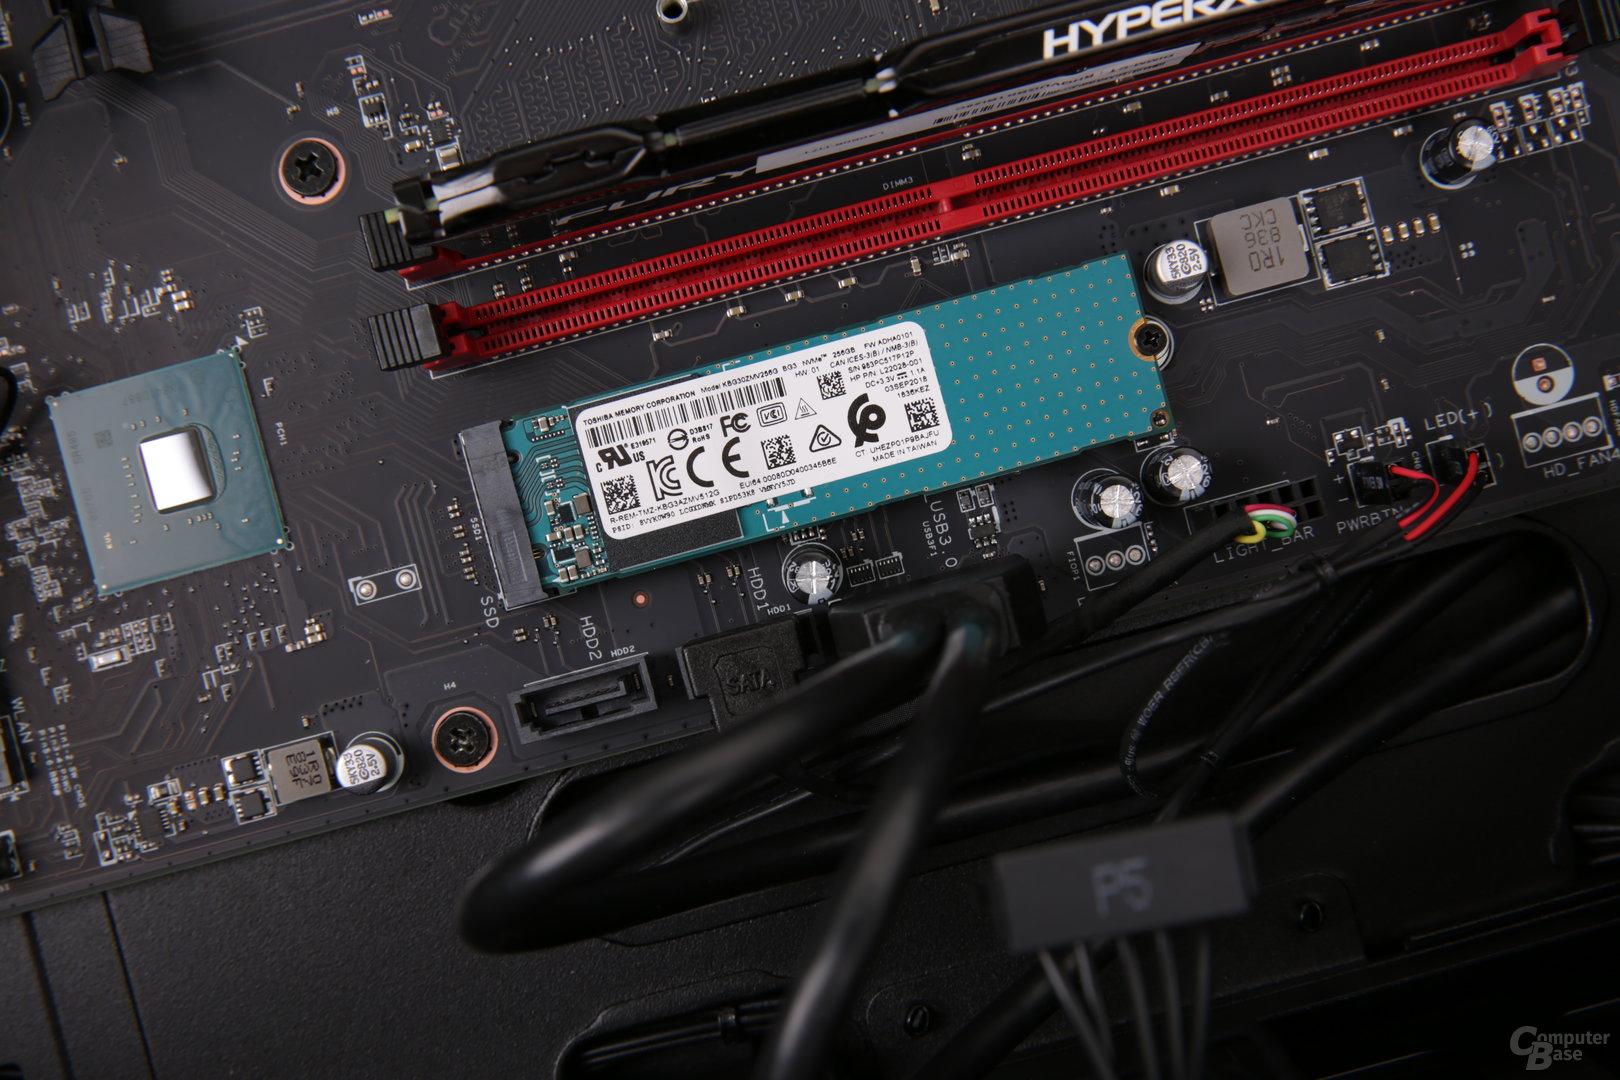 Der M.2-Steckplatz unterstützt PCIe x4 3.0